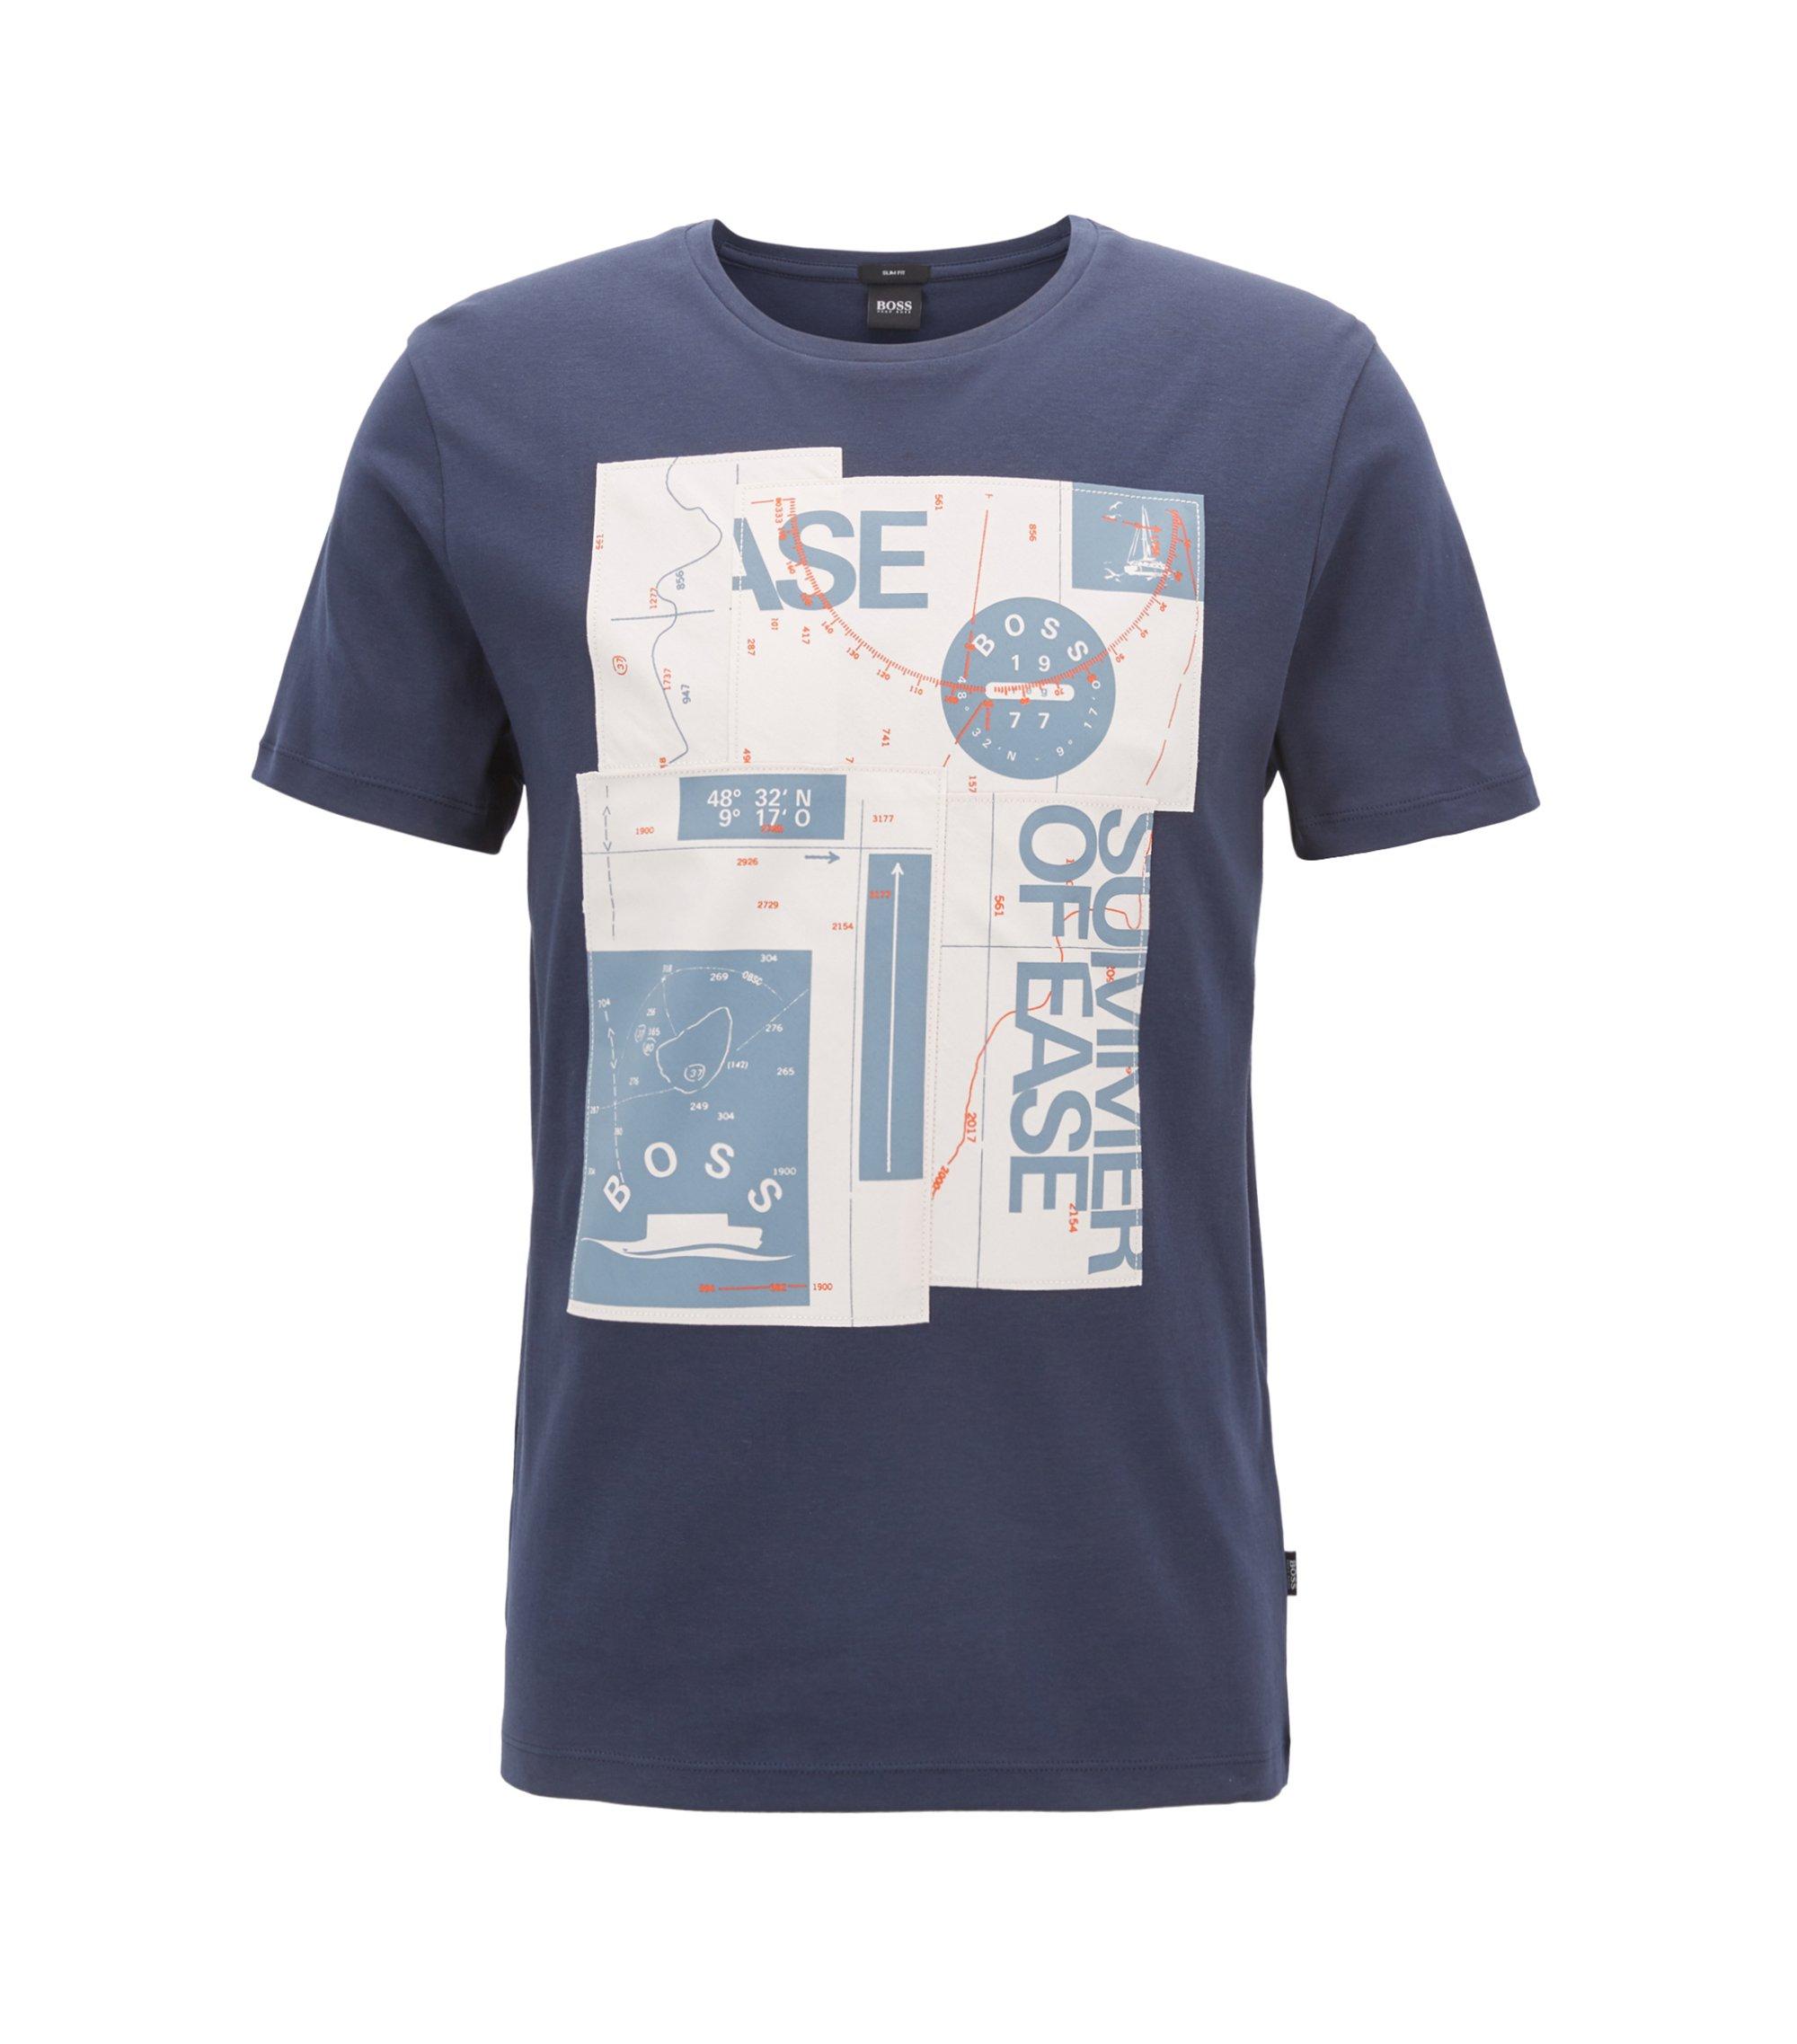 Camiseta slim fit con estampado náutico en algodón interlock, Azul oscuro